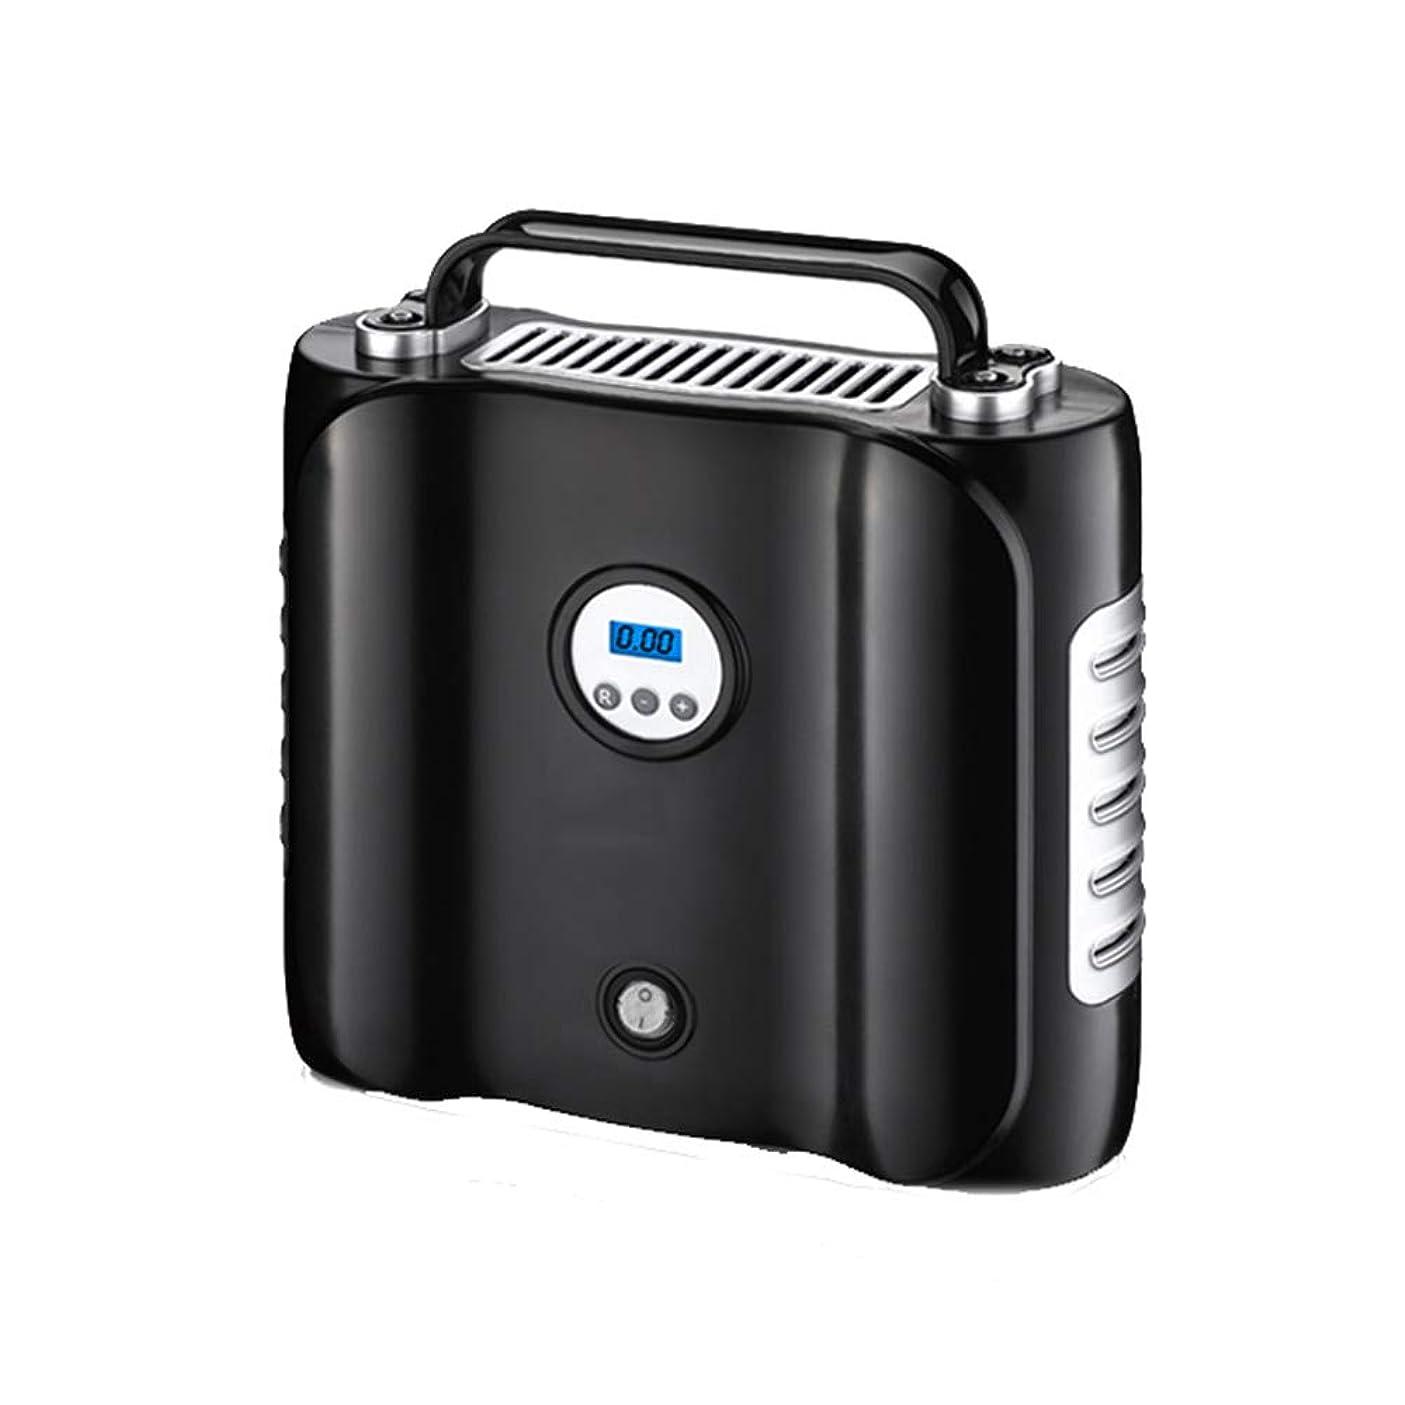 絶対に脱走手首QXKMZ ポータブル電動ポンプタイヤインフレータPSIタイヤポンプ自動デジタルタイヤインフレータ自動タイヤポンプLCDスクリーン収納が簡単